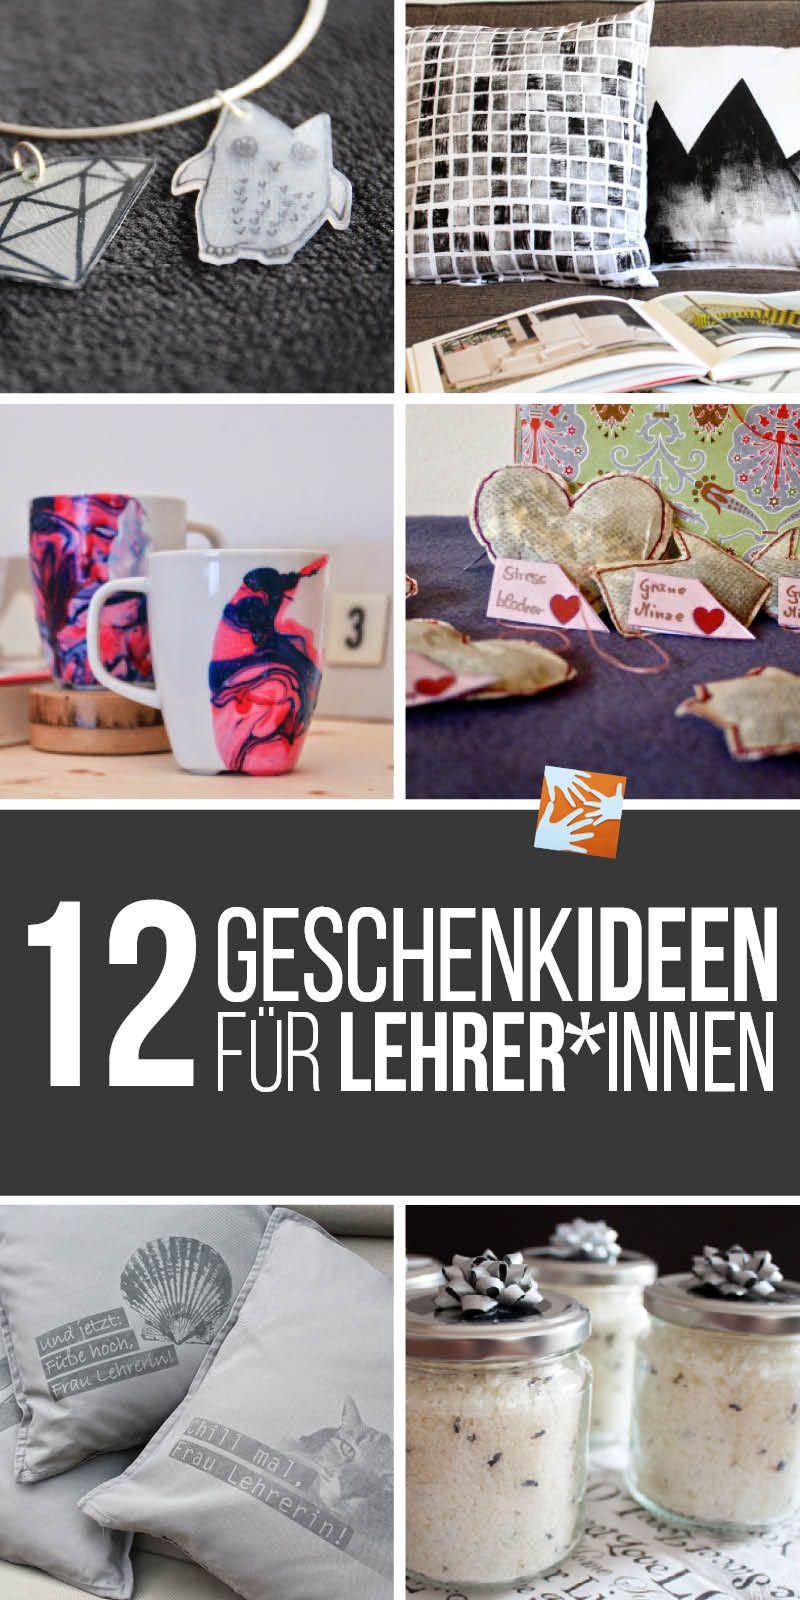 Geschenke Für Angehende Lehrer  12 Geschenkideen zum Schulschluss für Lehrer und